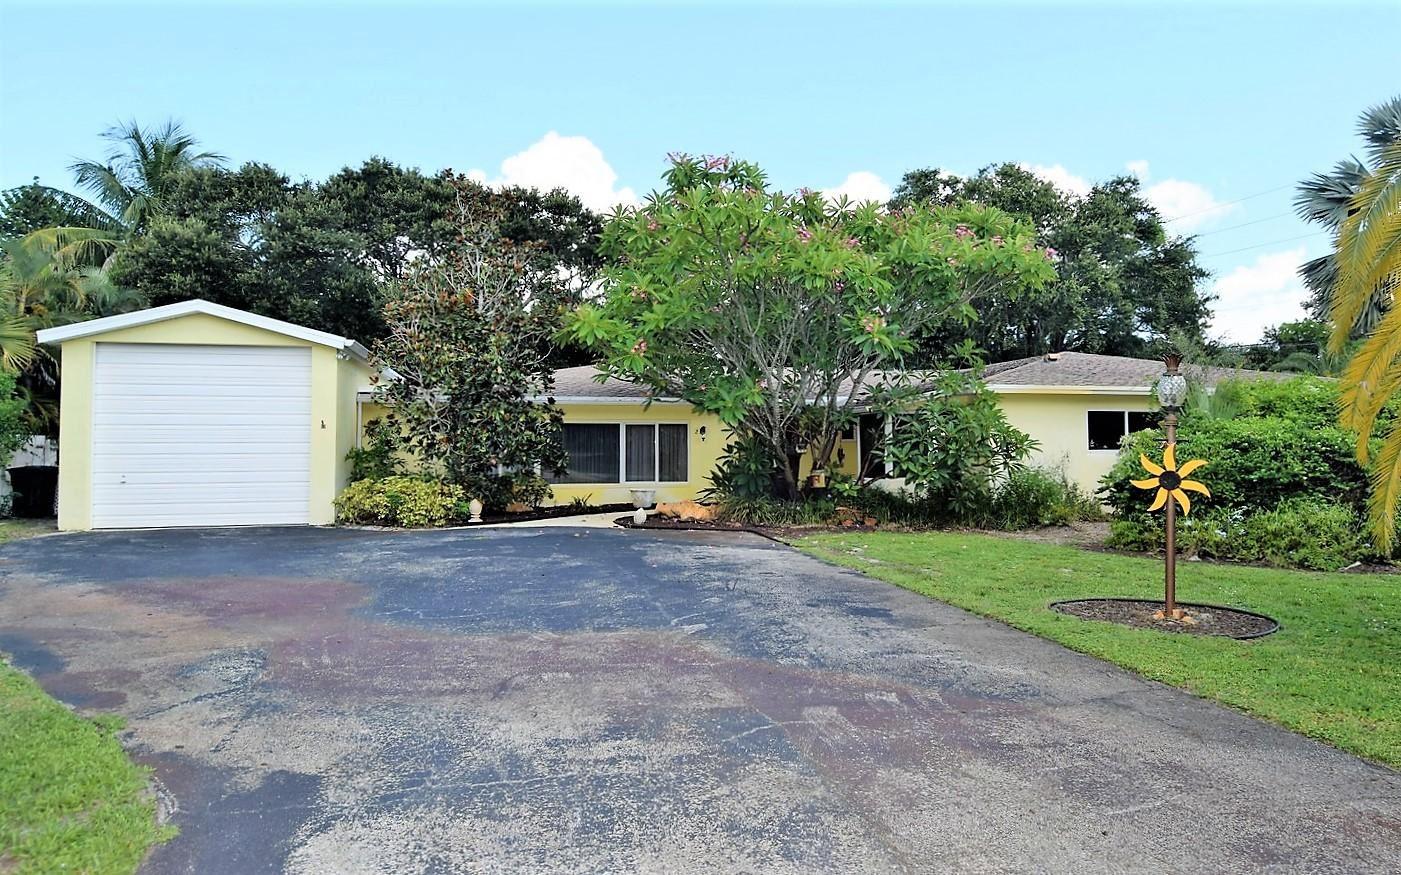 2 Palmetto Drive, Sewalls Point, FL 34996 - #: RX-10554710